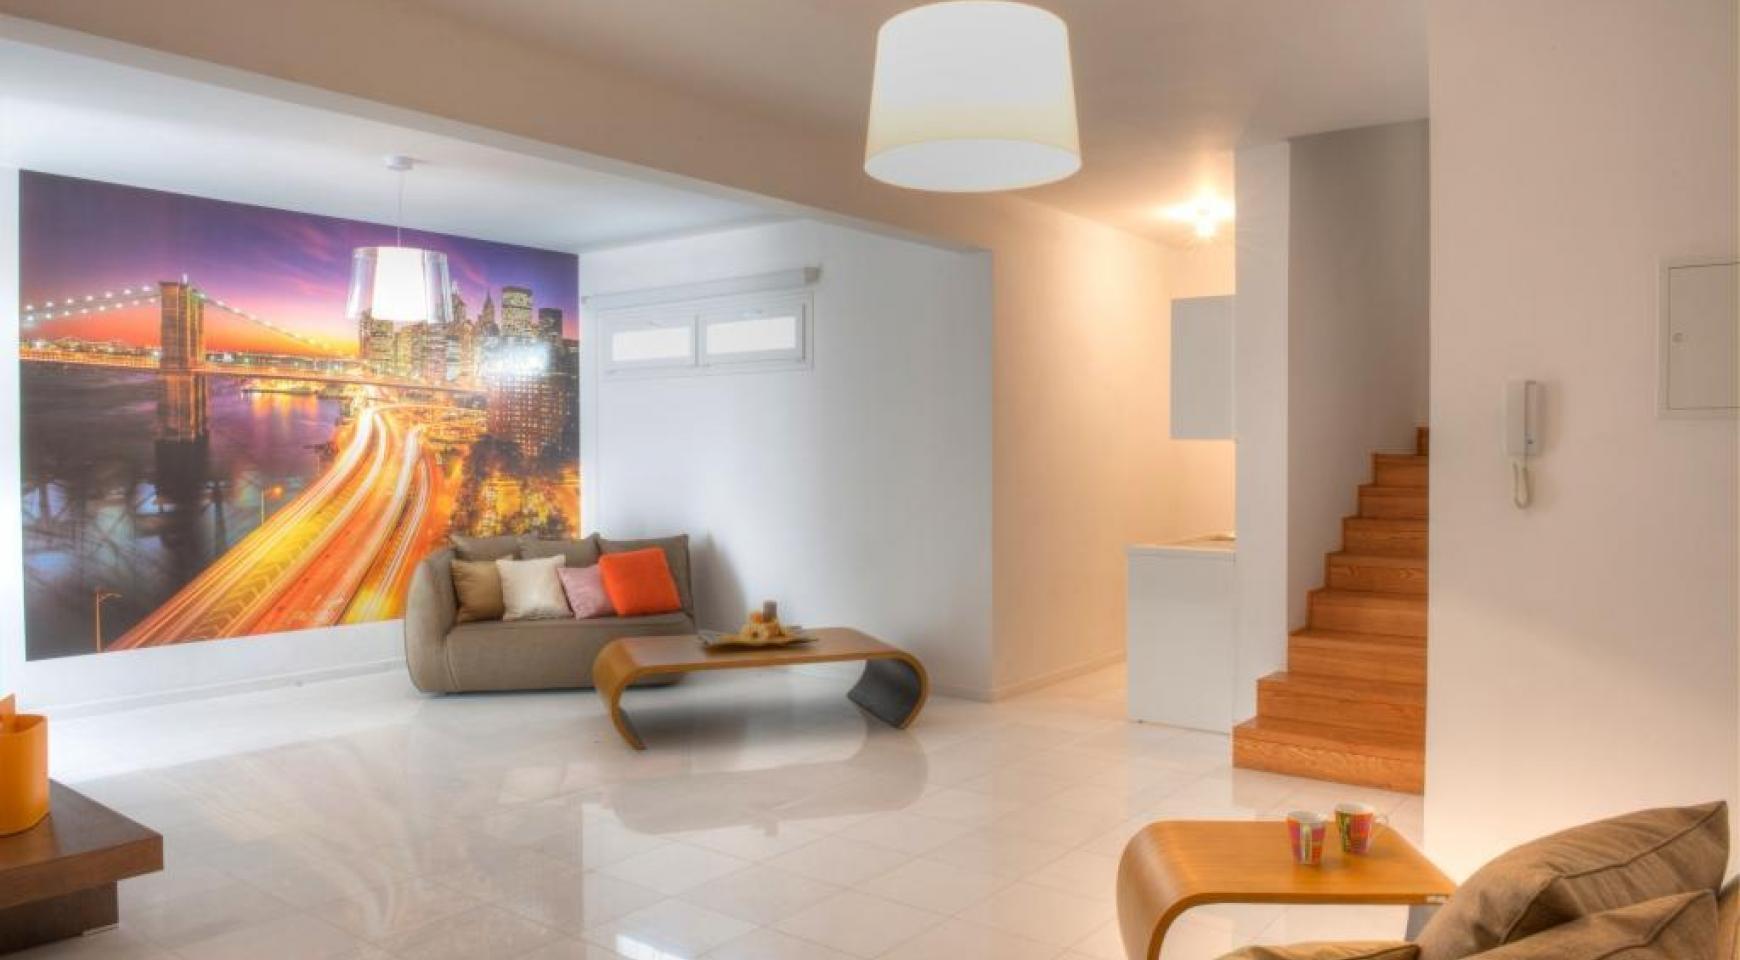 4 Bedroom Villa with Sea Views in Agios Tychonas - 10